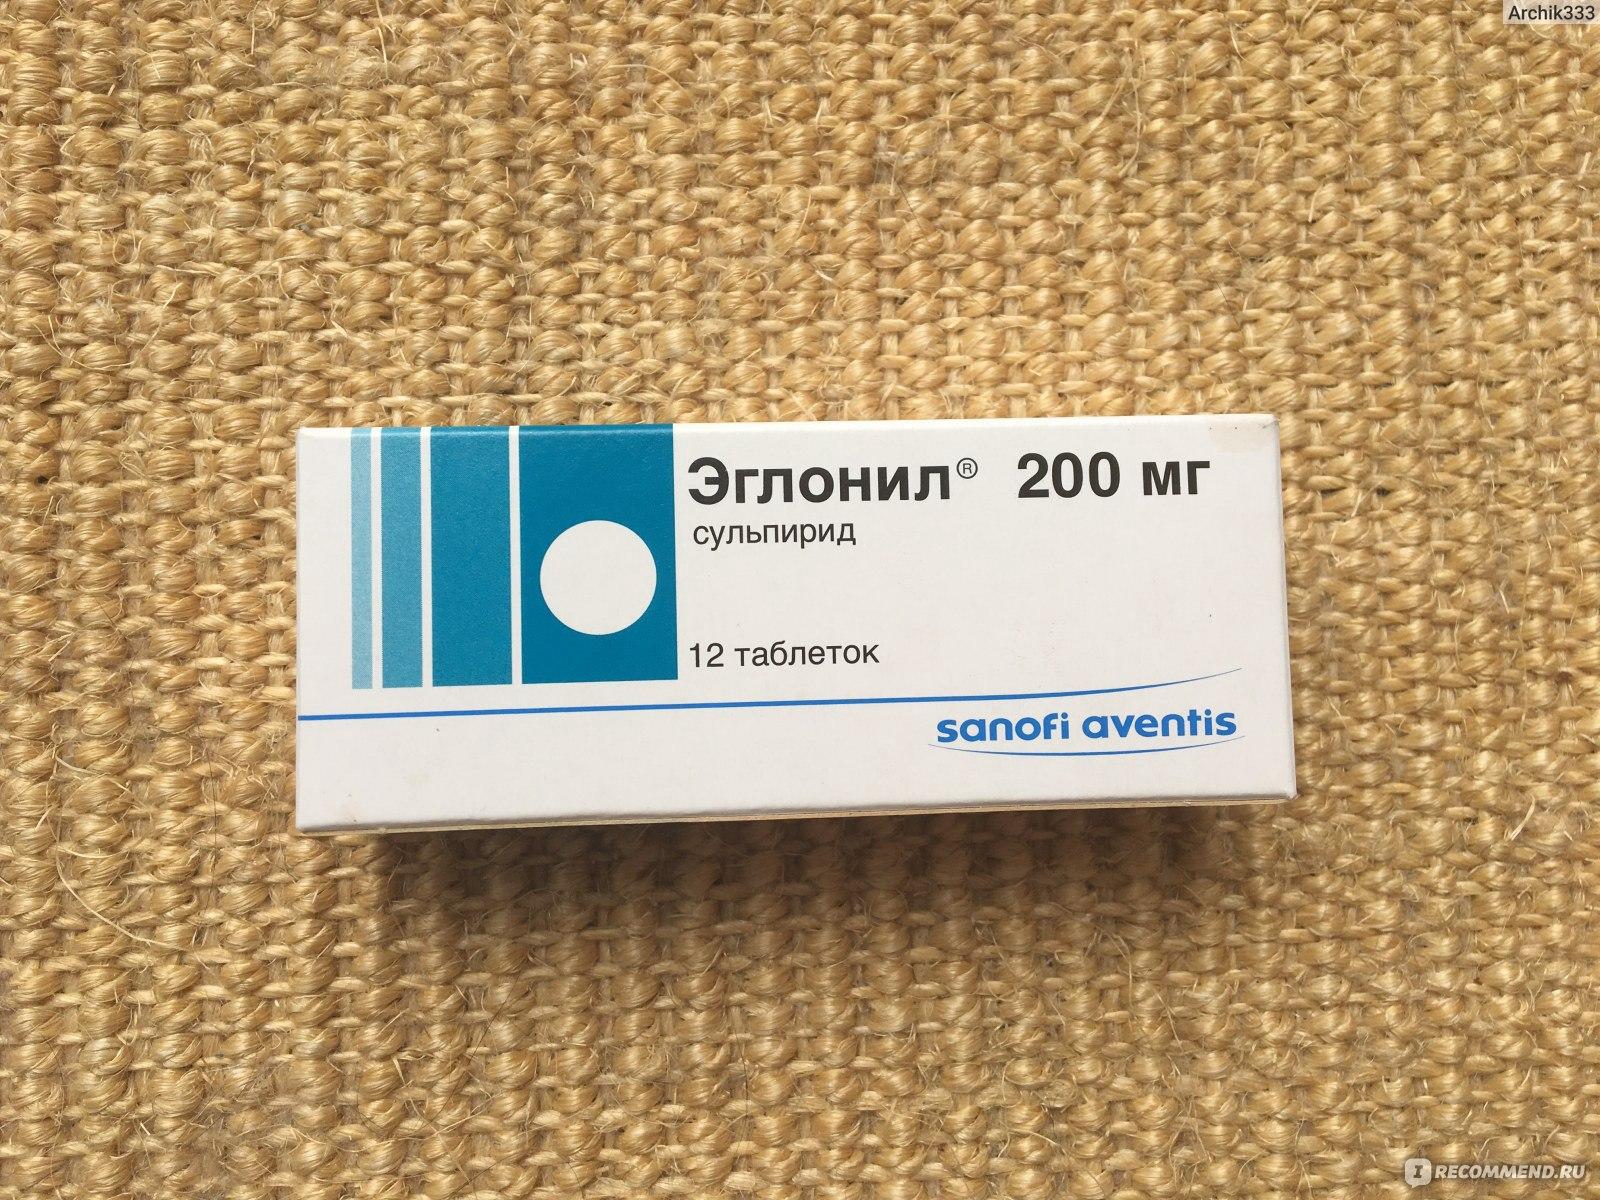 Мапротилин – описание препарата, инструкция по применению, отзывы